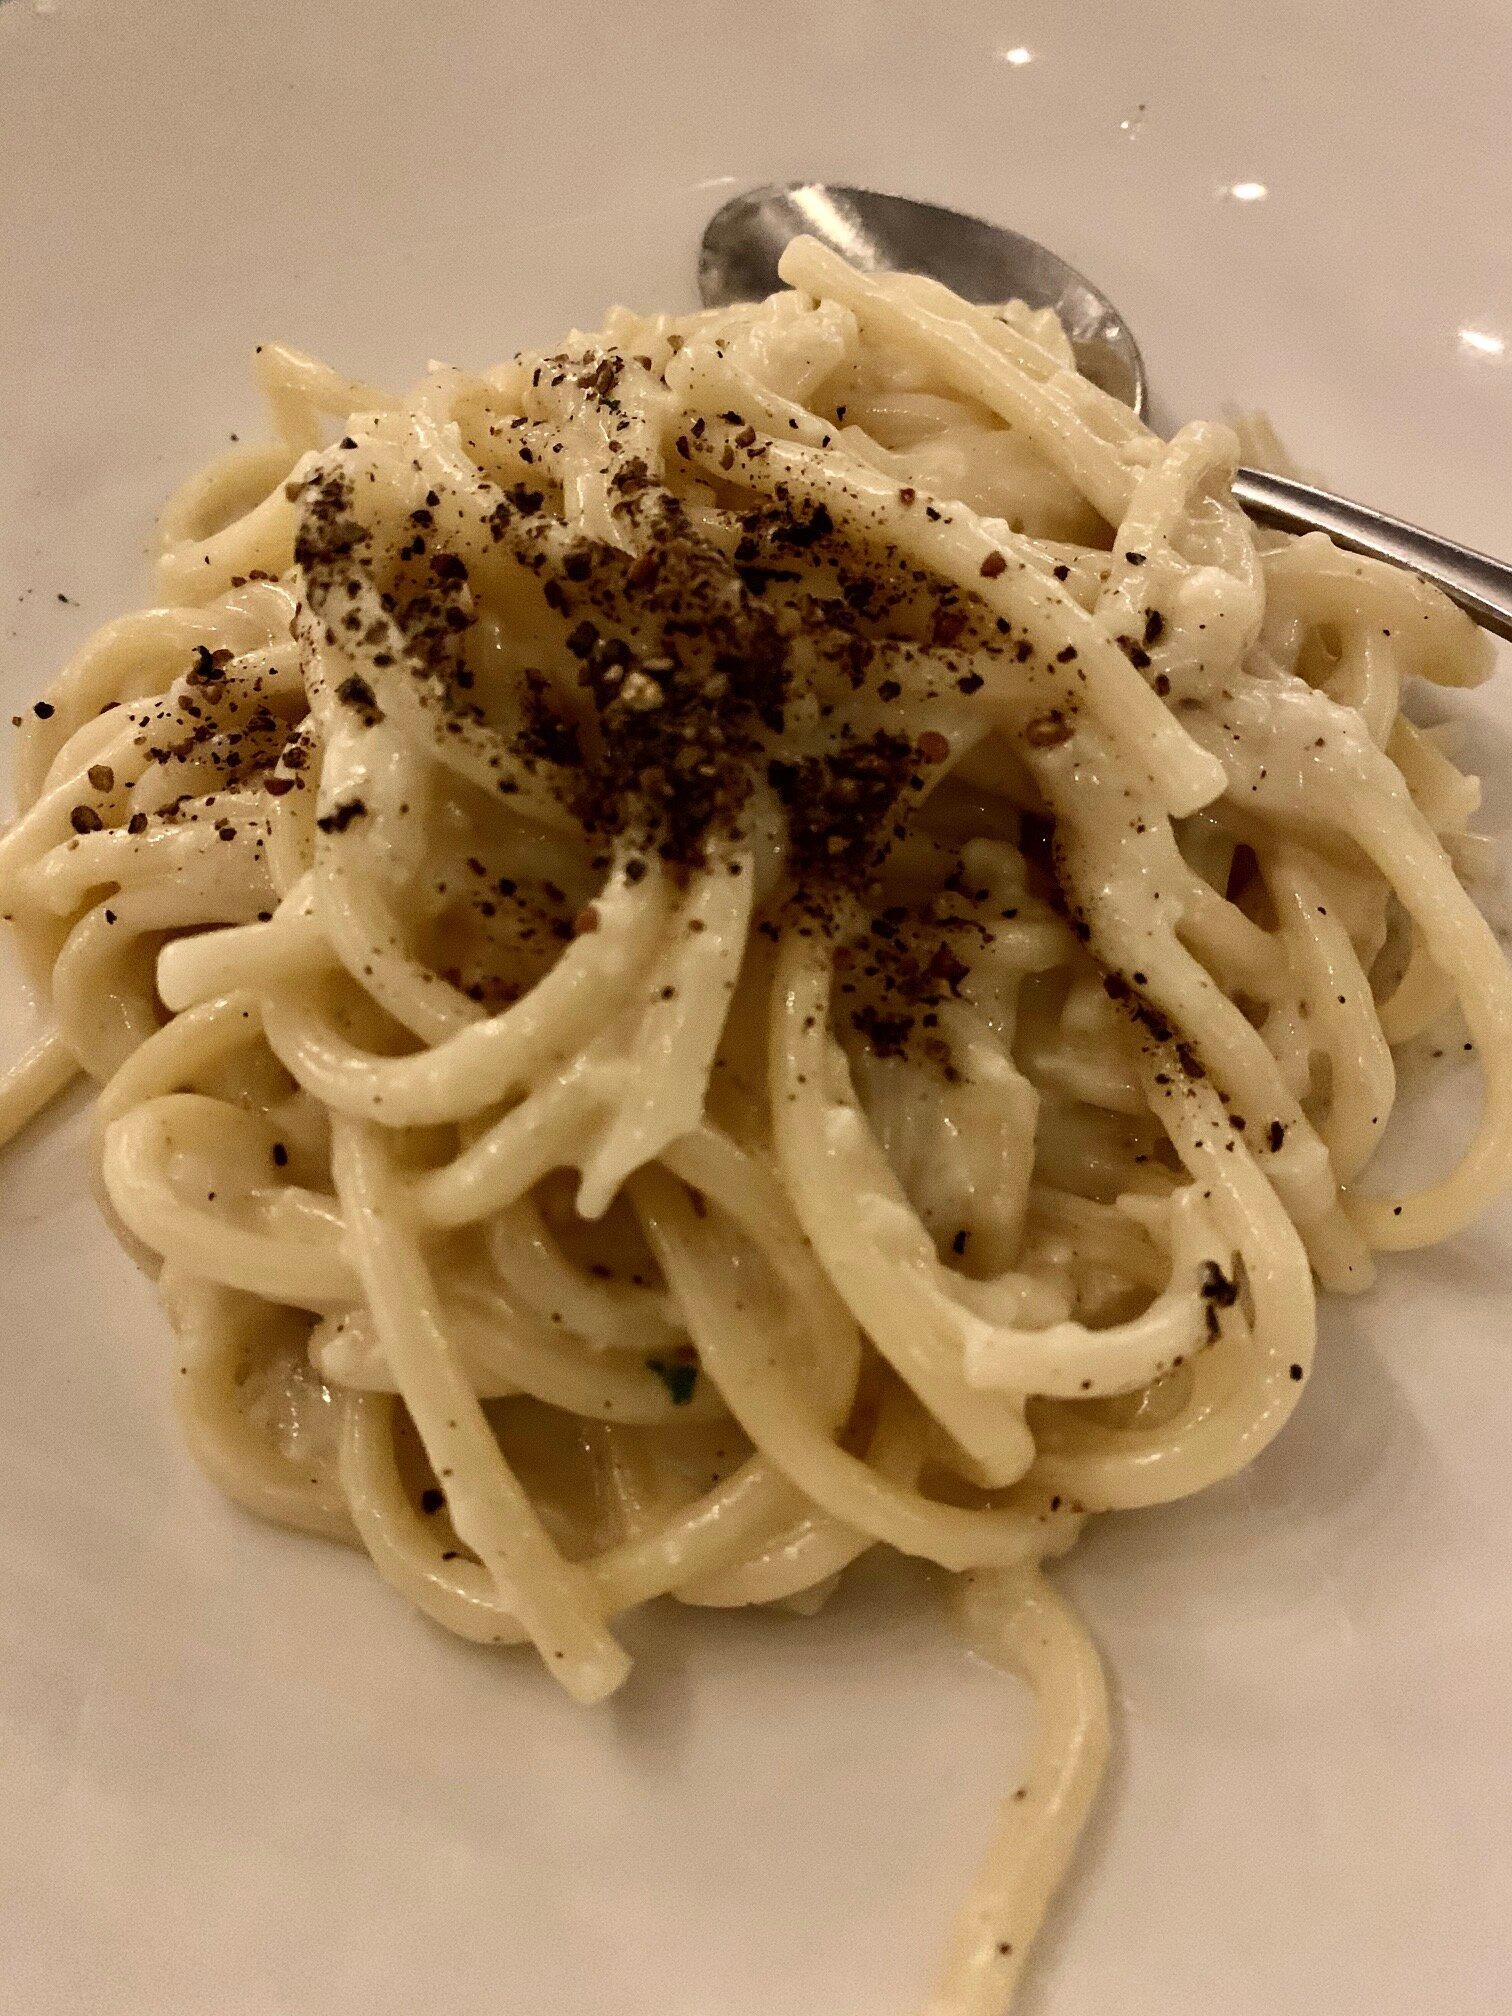 cacio e pepe cheese and pepper pasta